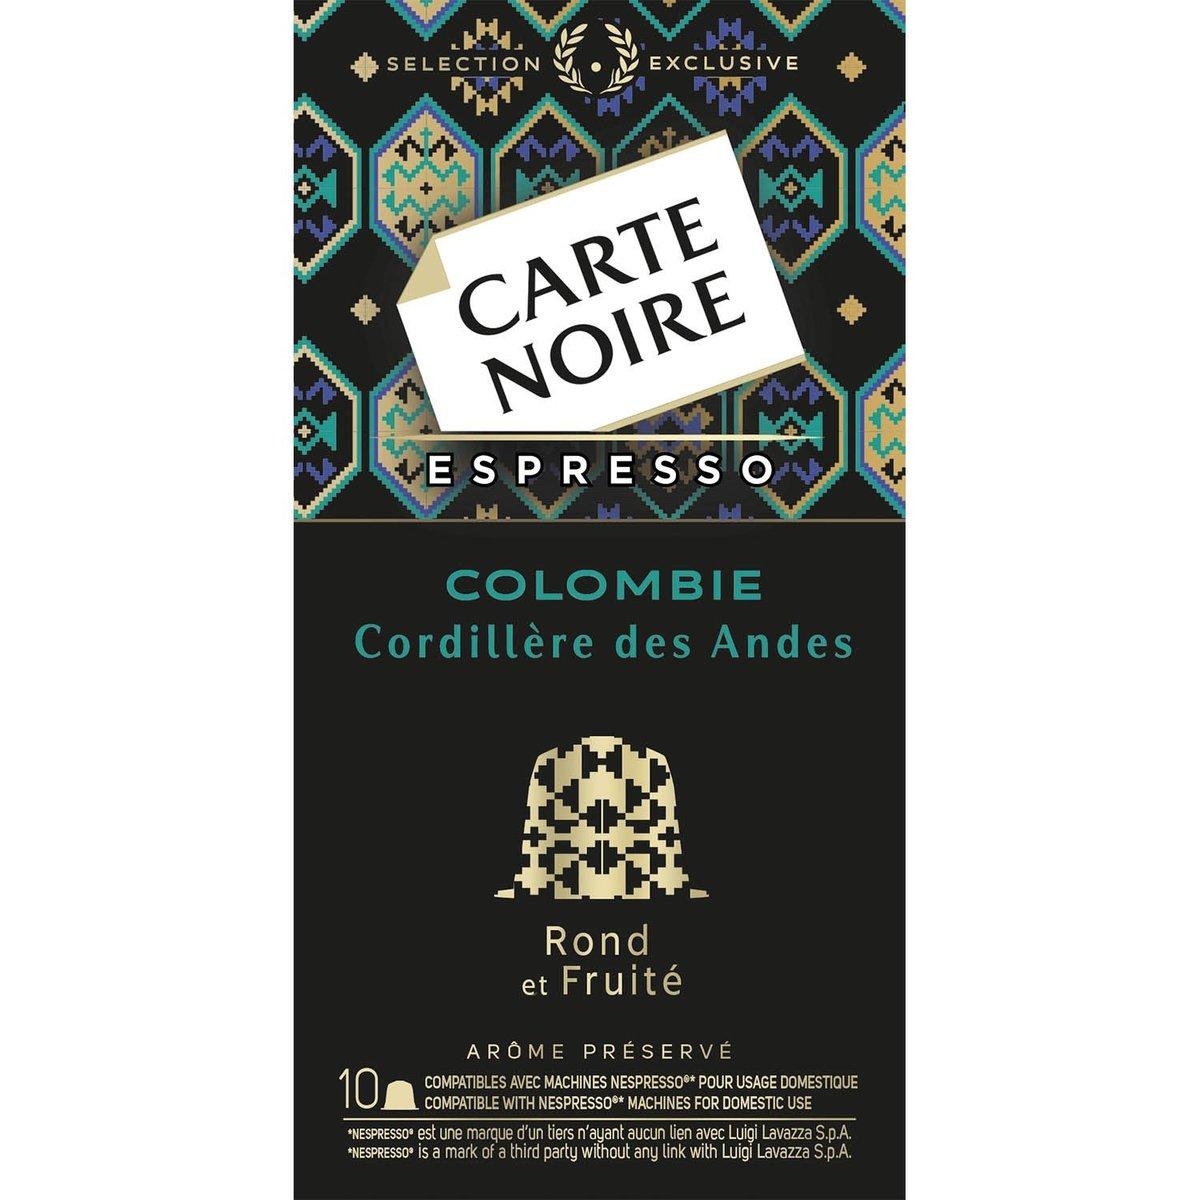 法國直送 - CARTE NOIRE - 哥倫比亞咖啡膠囊  - 10 個- 53g